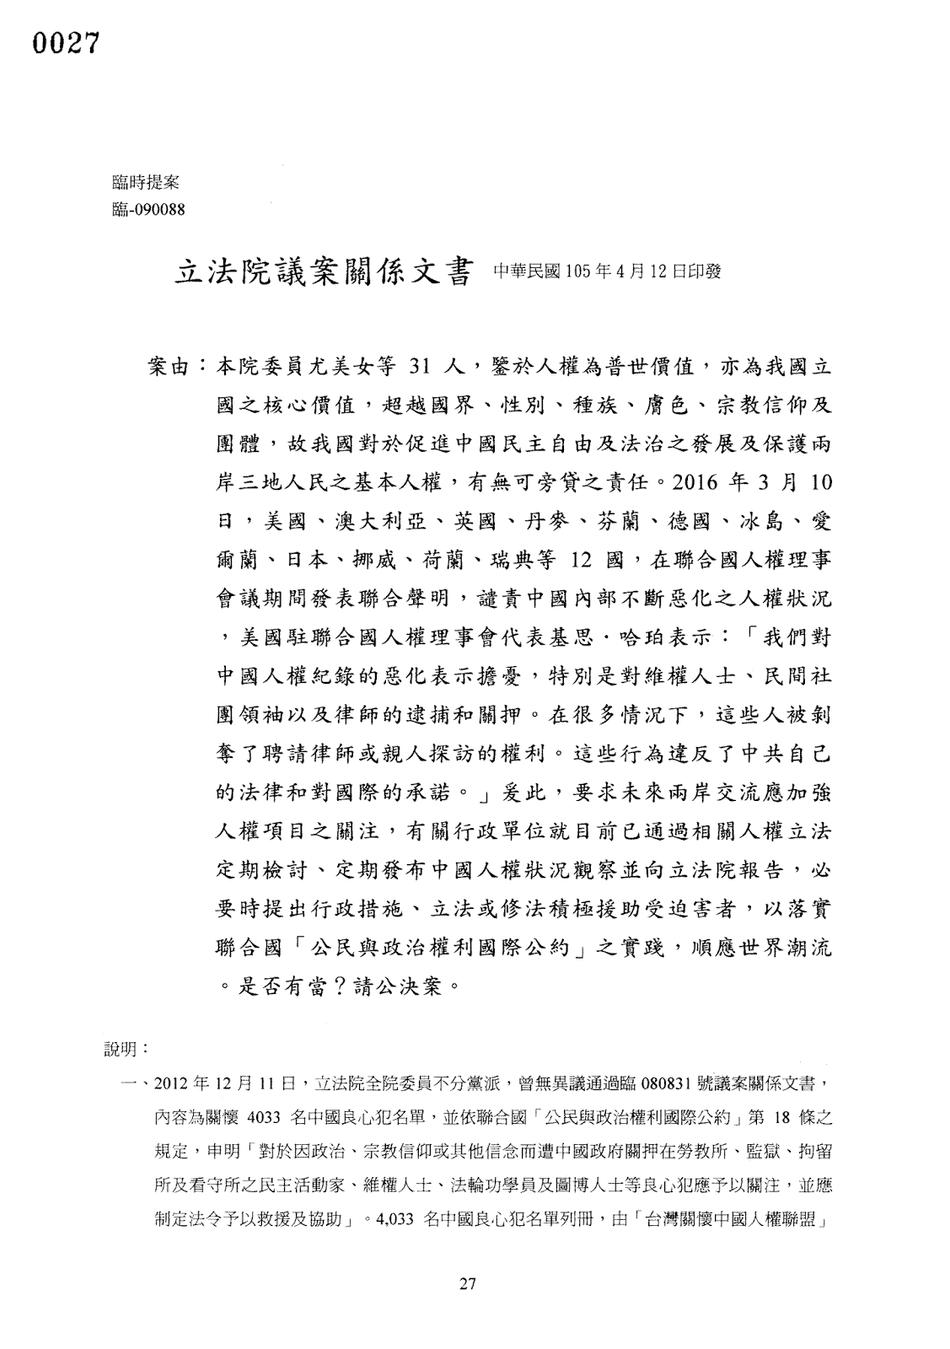 中共綁架國人 立委提案譴責中共無異議通過